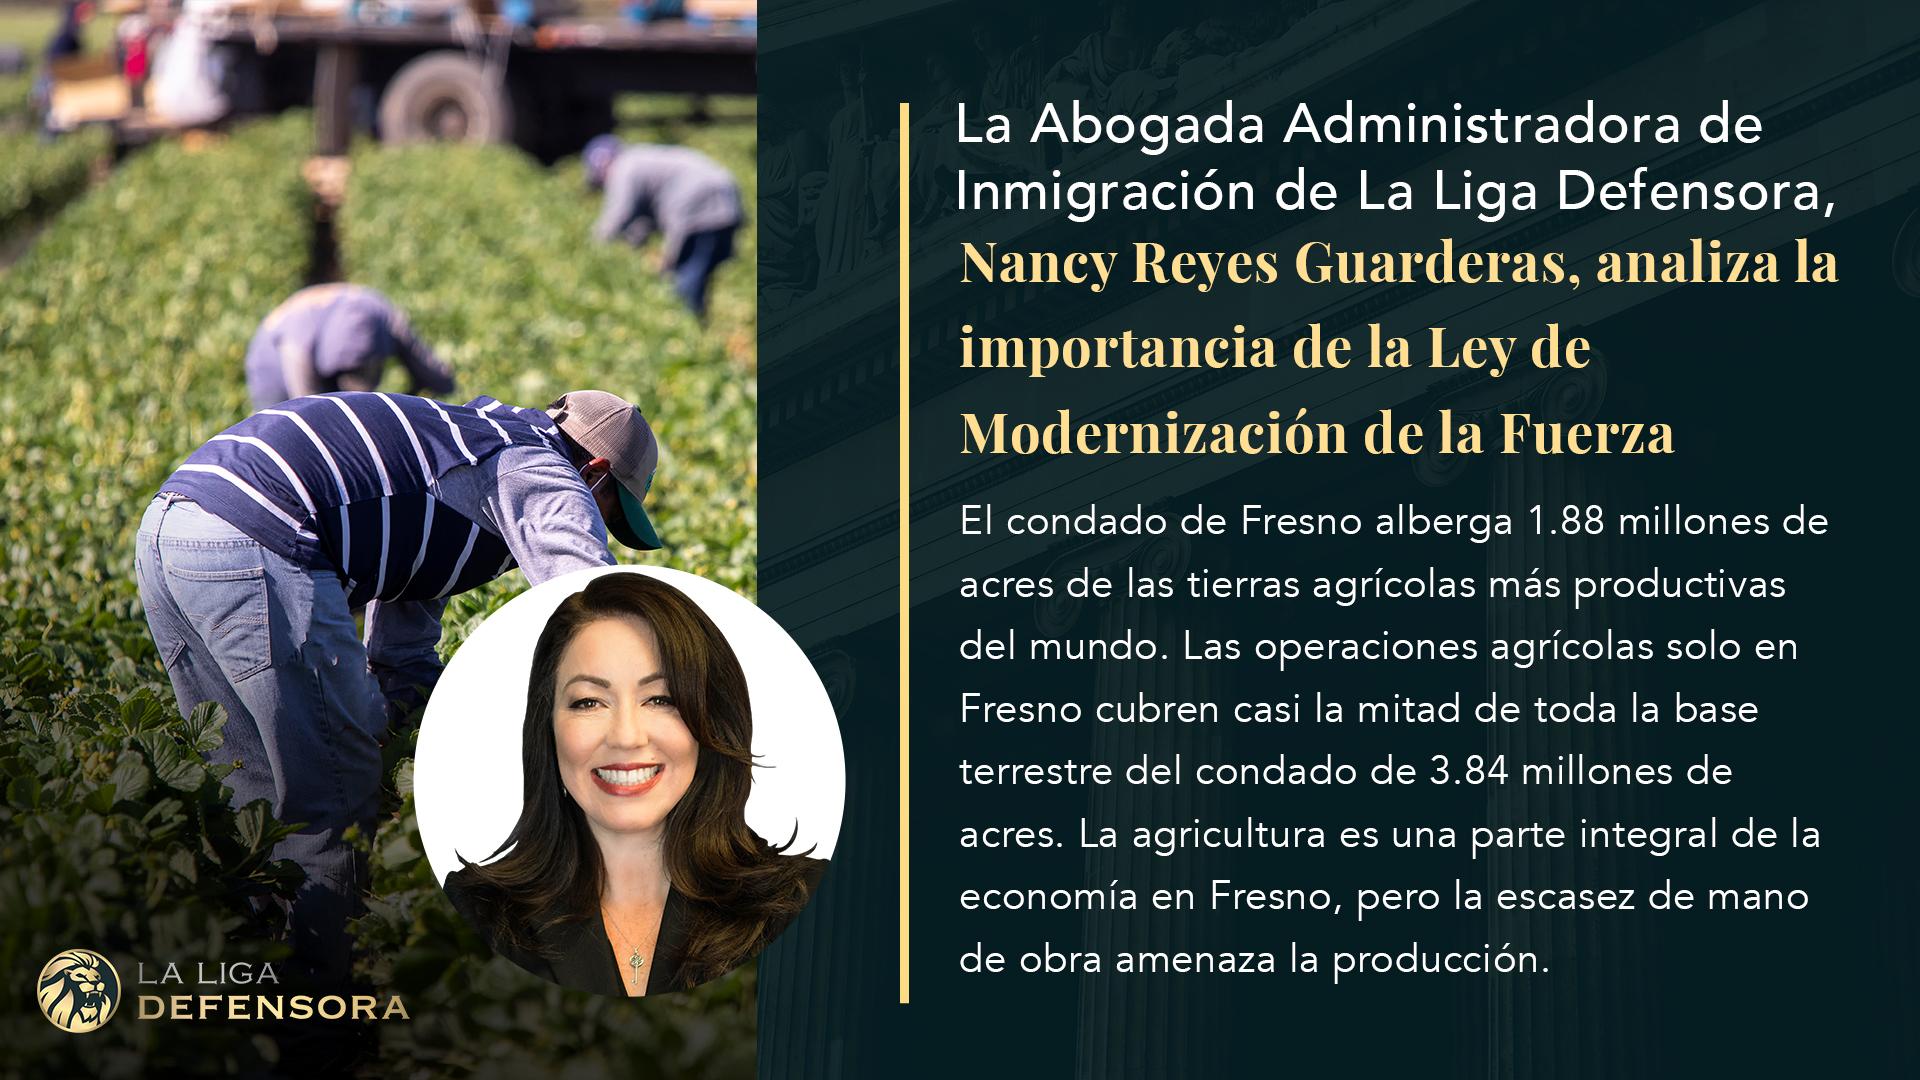 La Abogada Administradora de Inmigración de La Liga Defensora, Nancy Reyes Guarderas, analiza la importancia de la Ley de Modernización de la Fuerza Laboral Agrícola